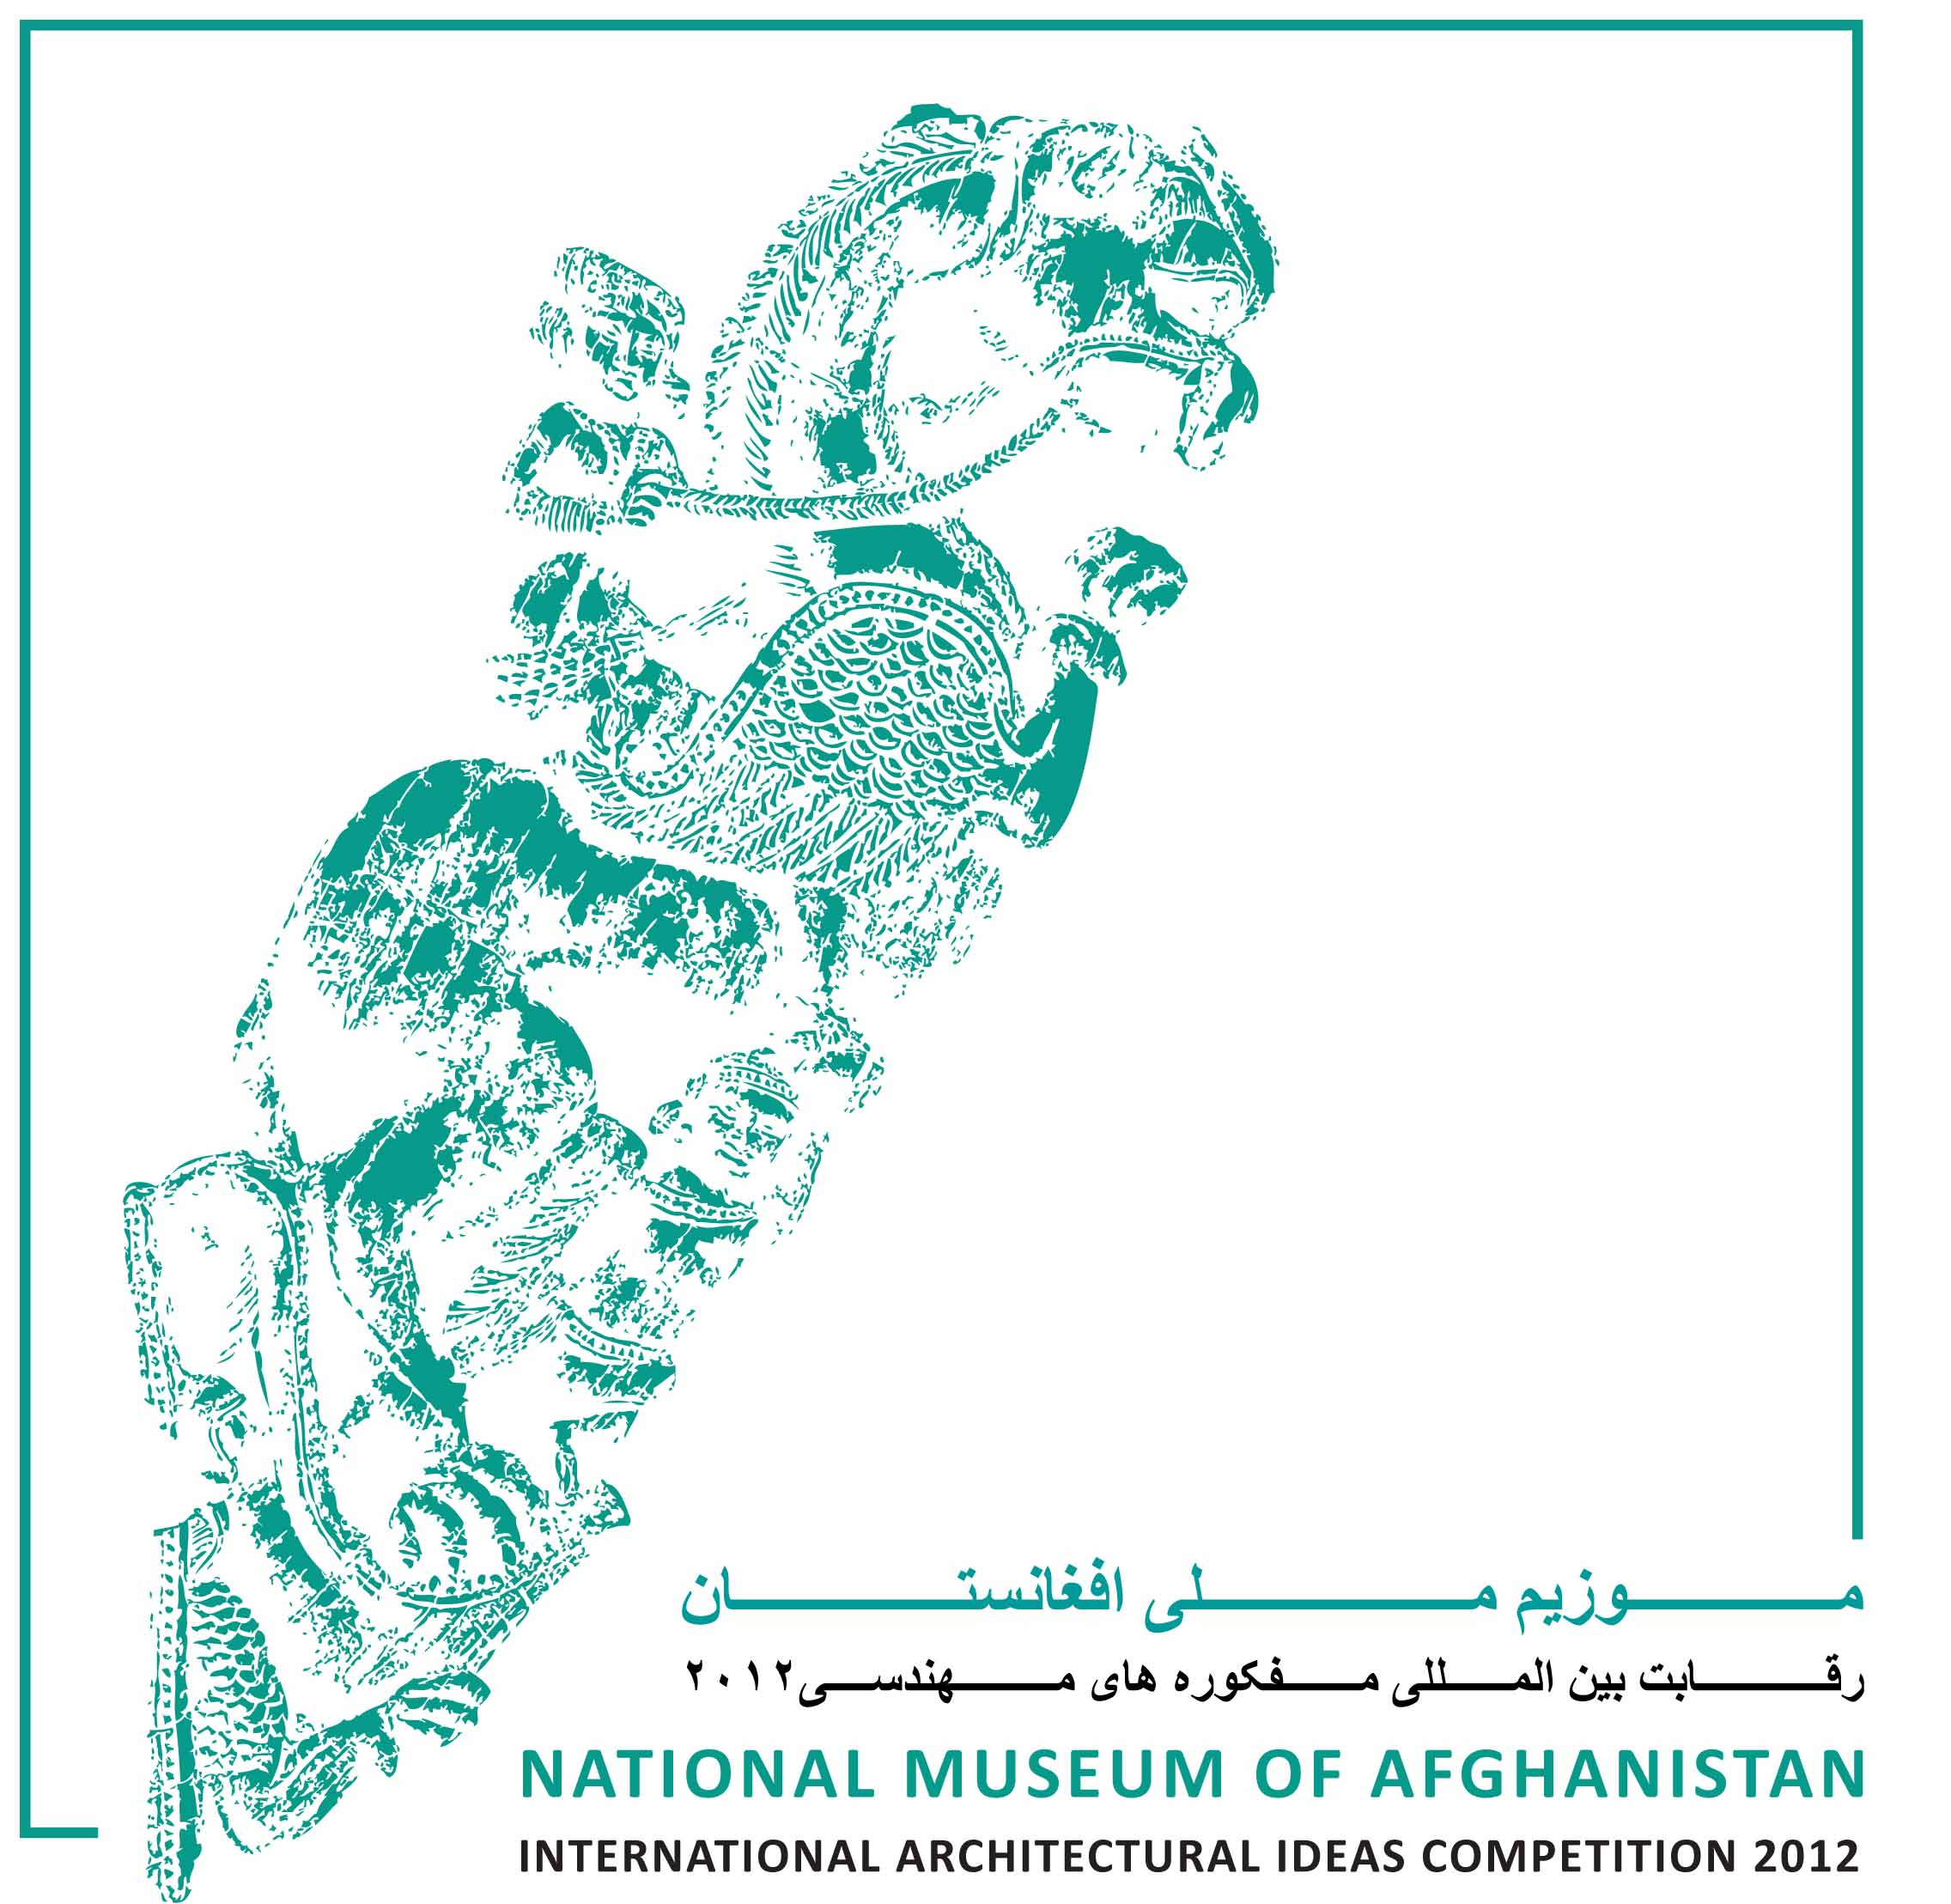 Concurso Internacional para Projeto do Museu Nacional do Afeganistão